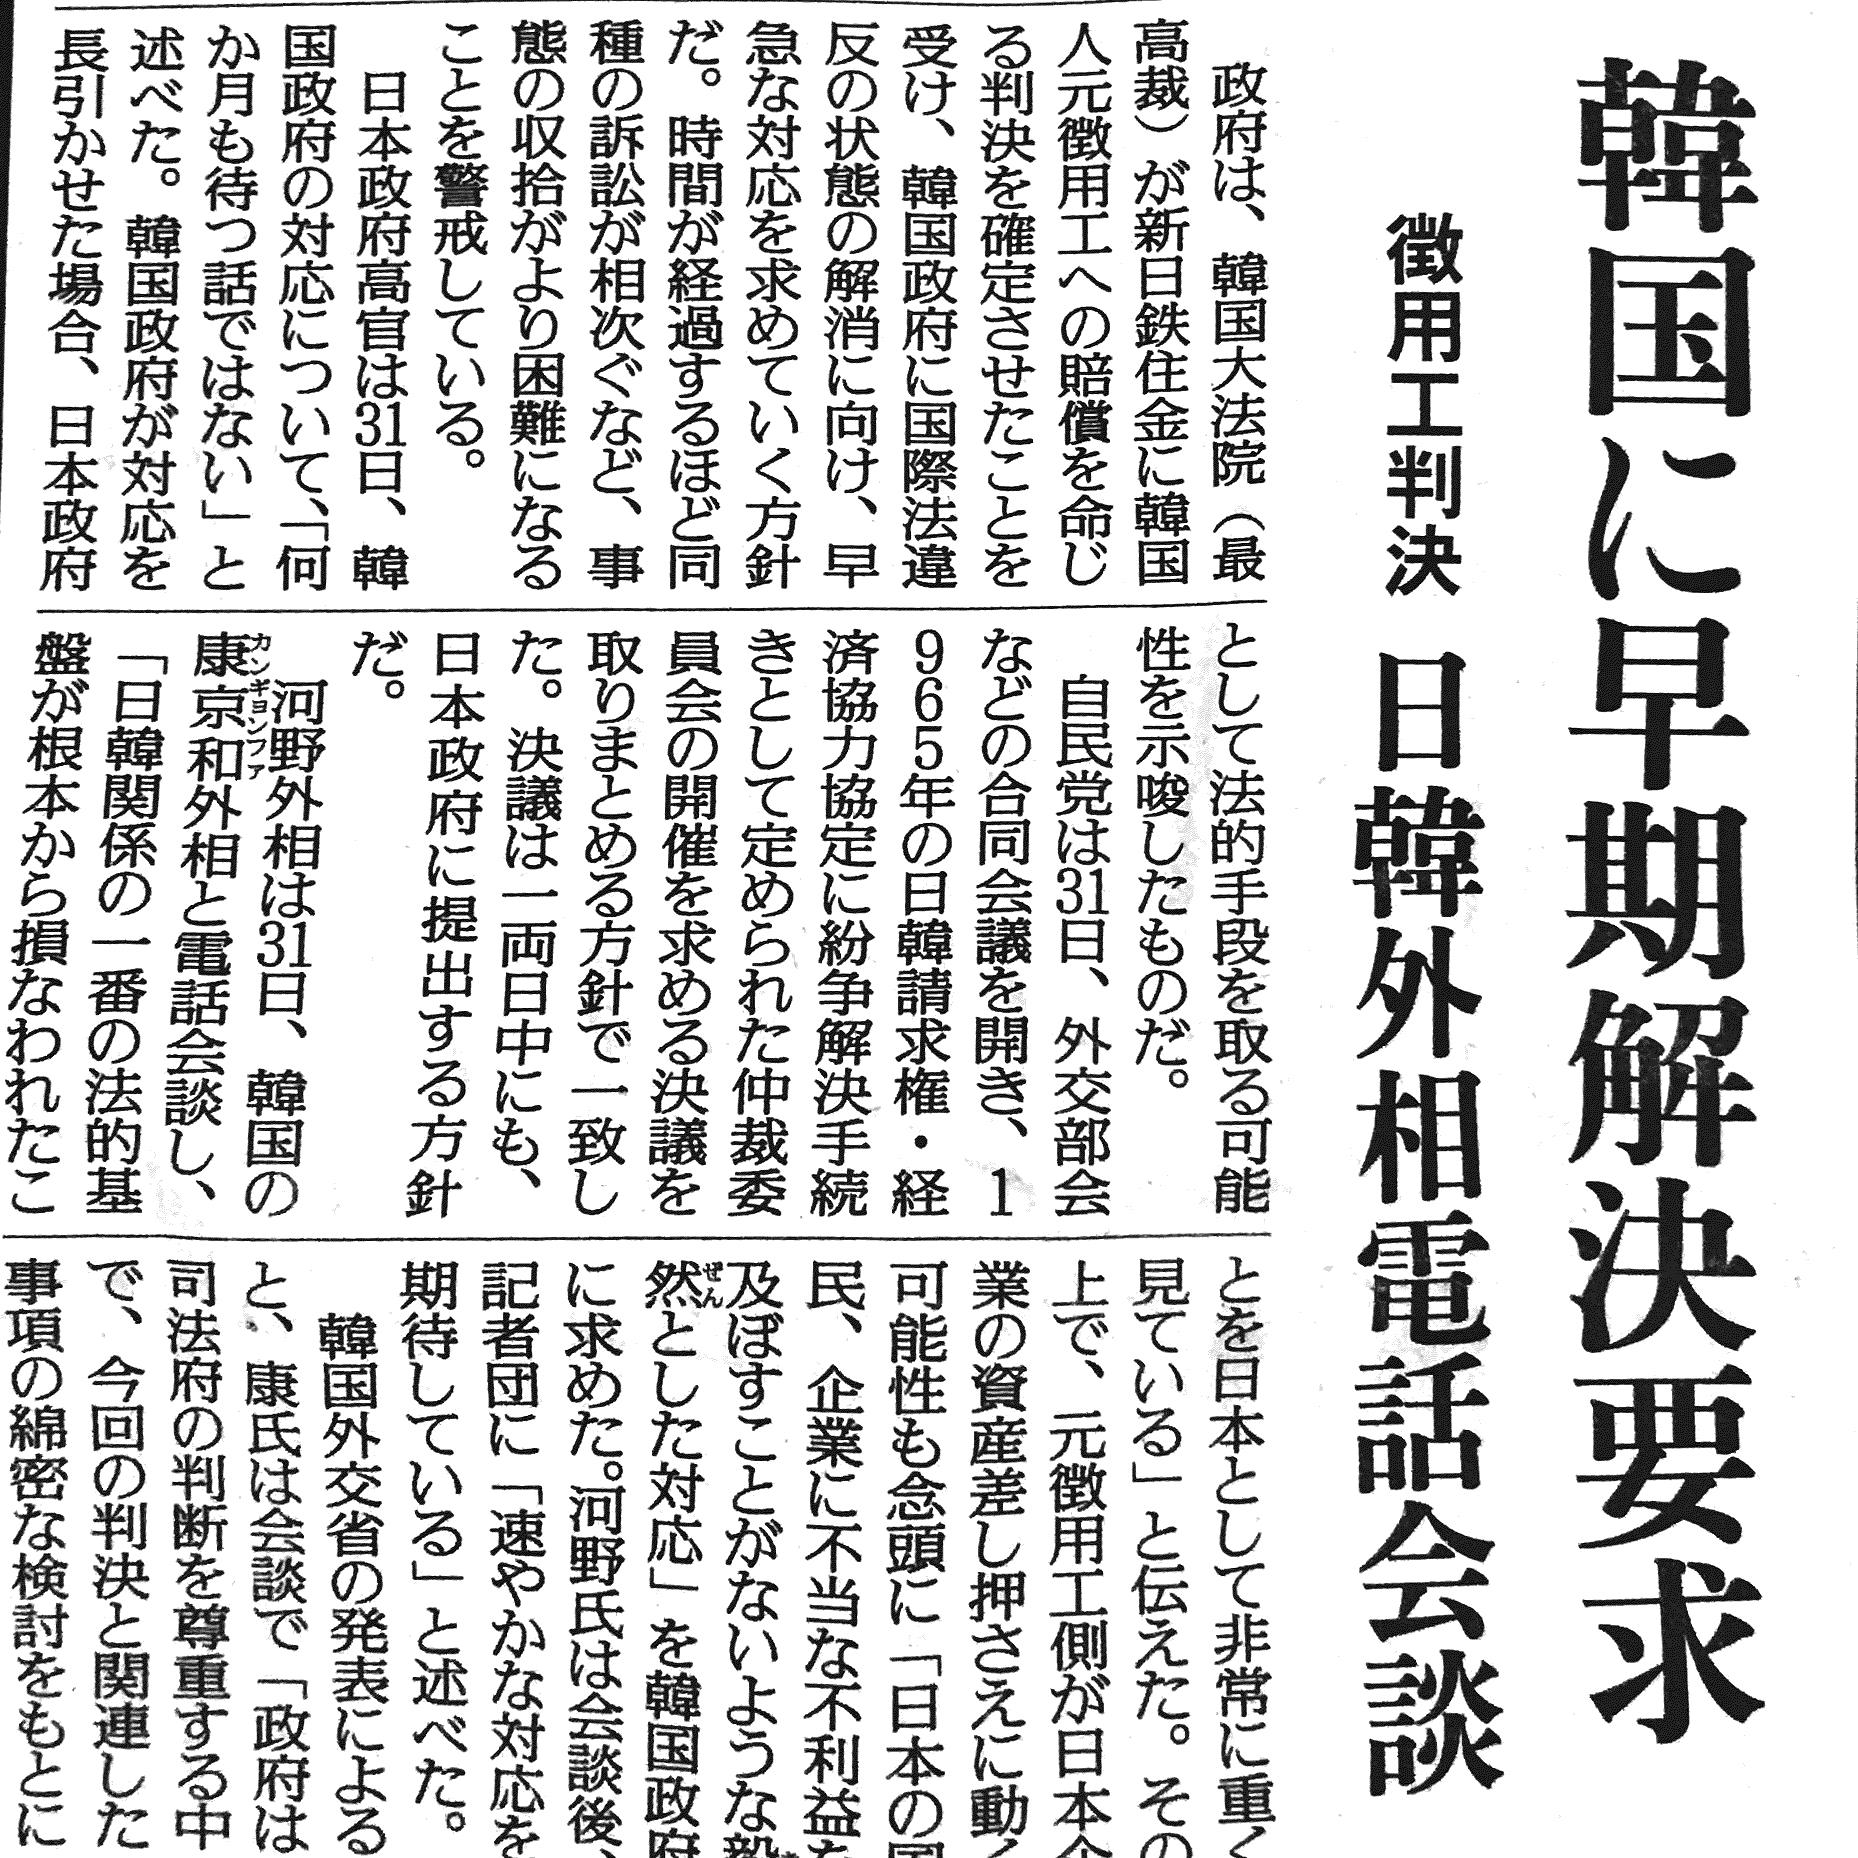 韓国大法院(最高裁)のありえない判決〜徴用工訴訟で賠償確定 ...